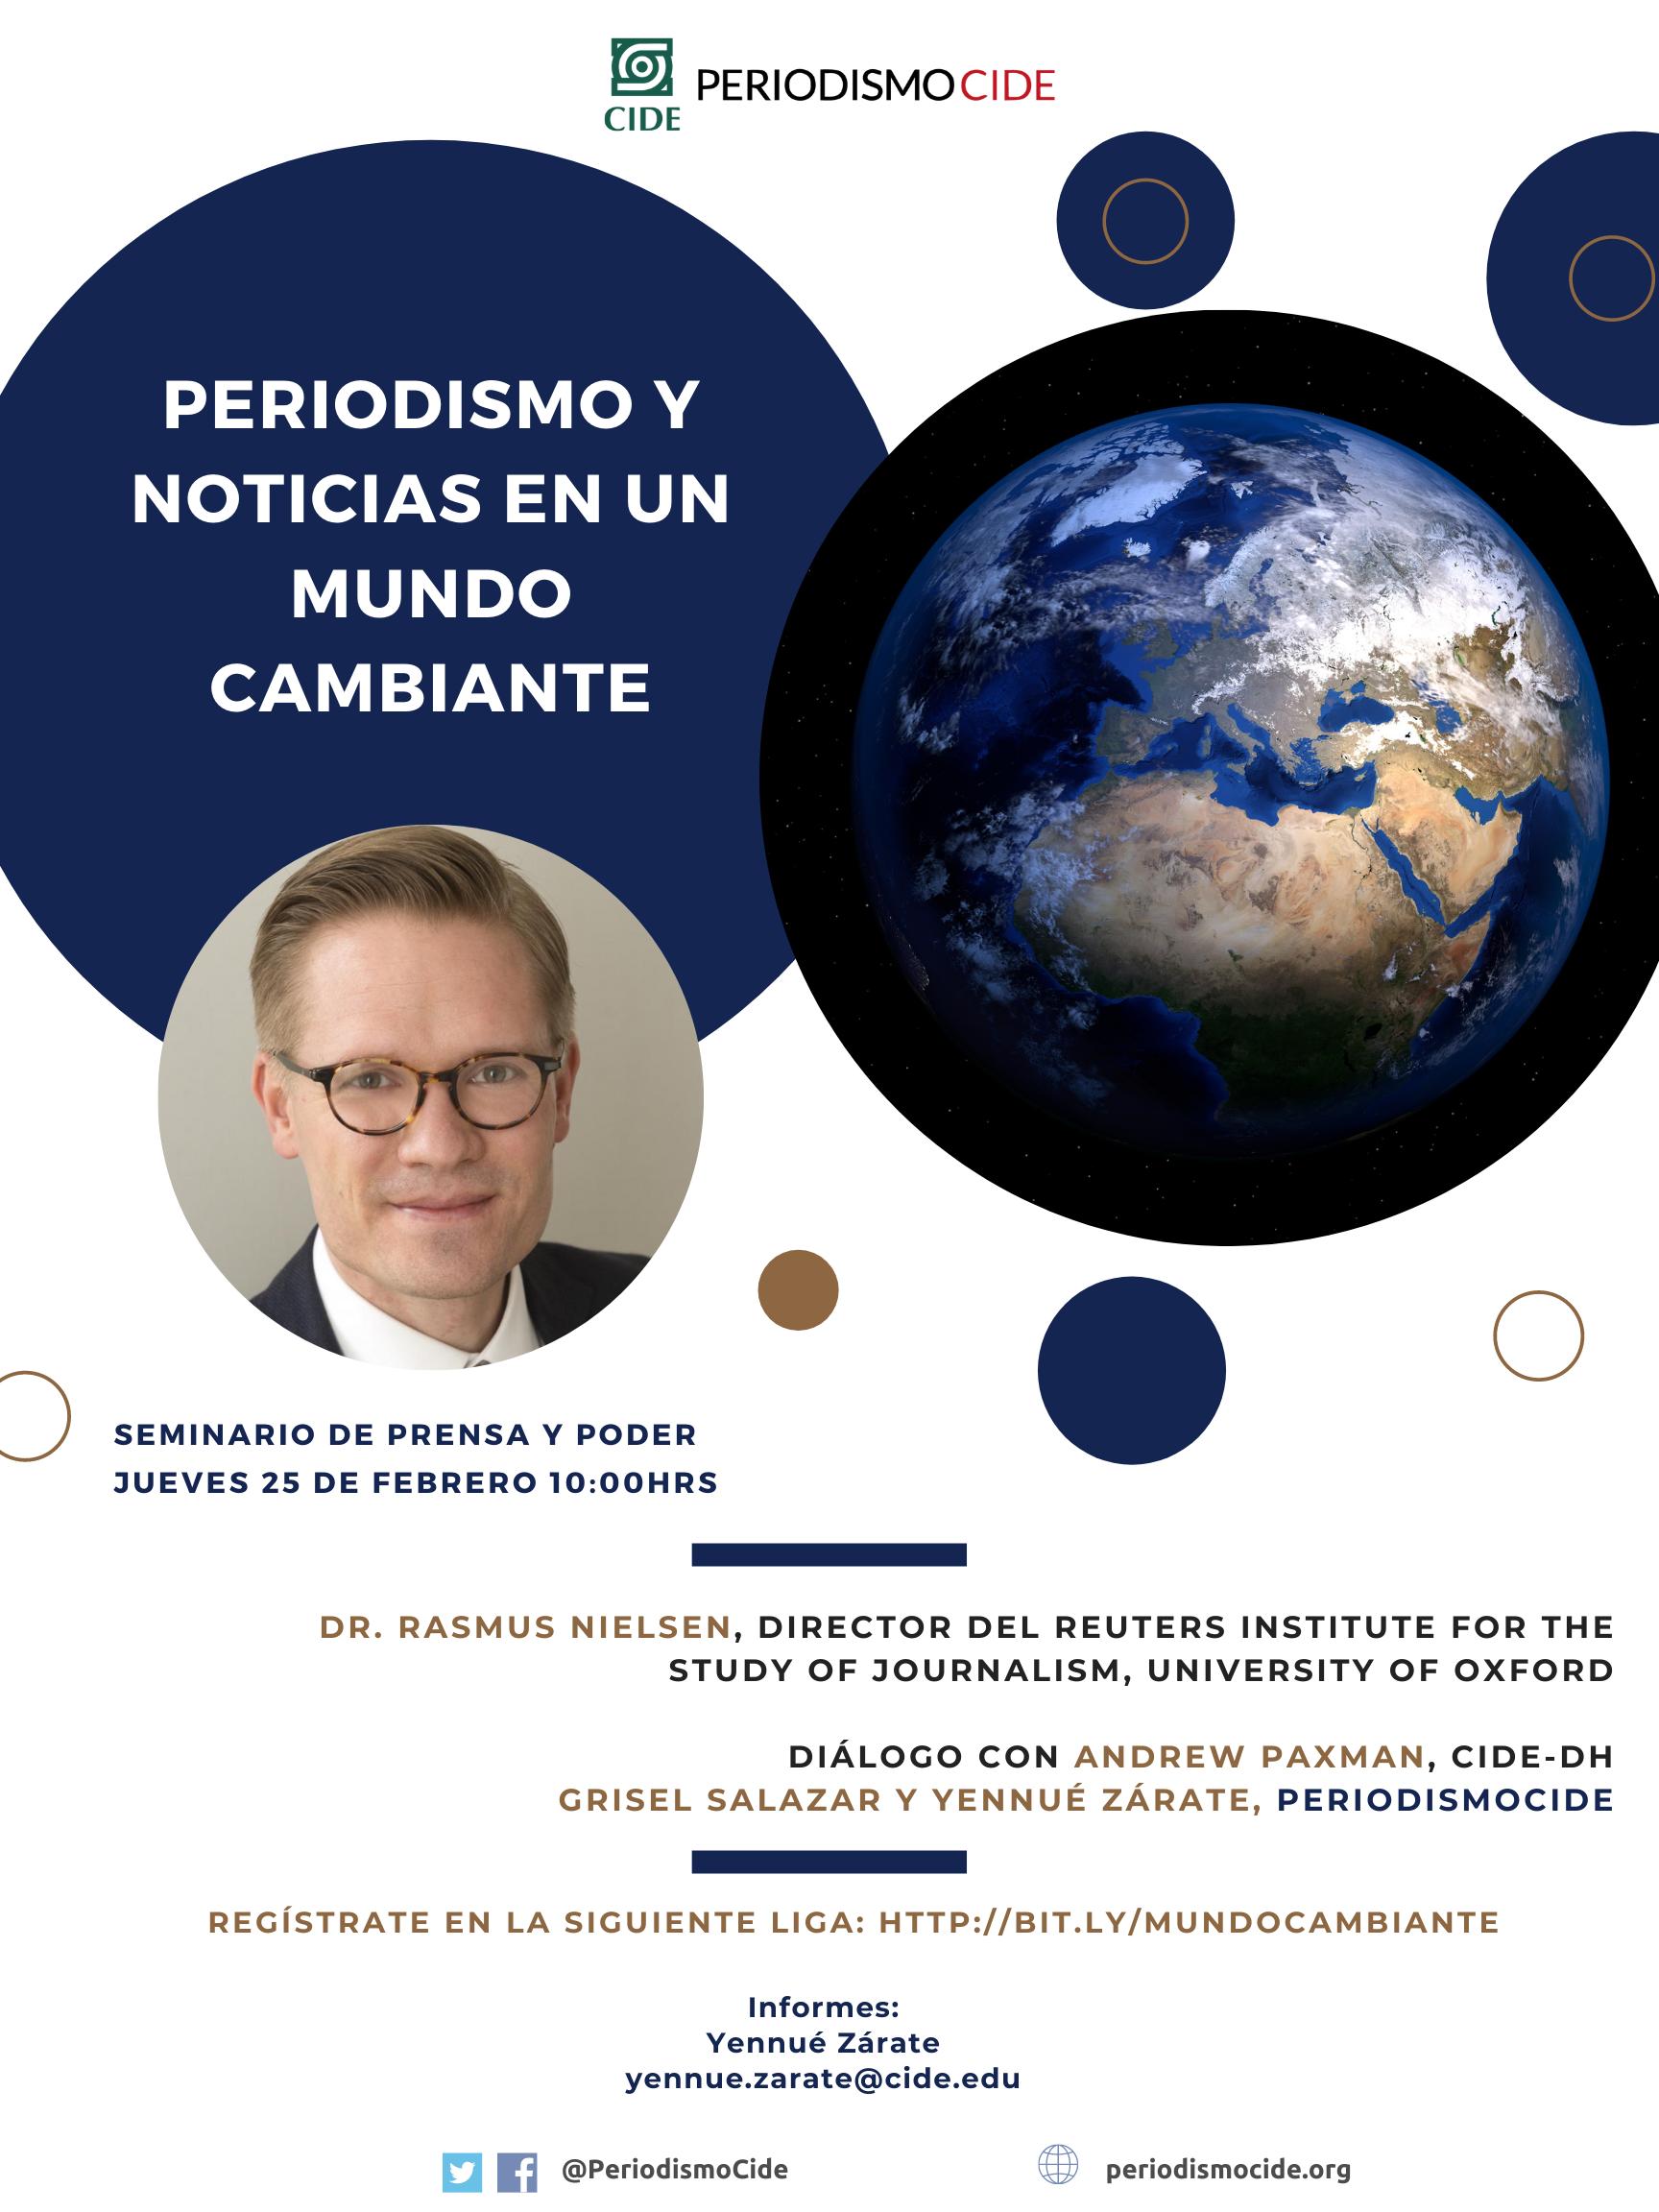 Seminario de Prensa y Poder: Periodismo y Noticias en un Mundo Cambiante